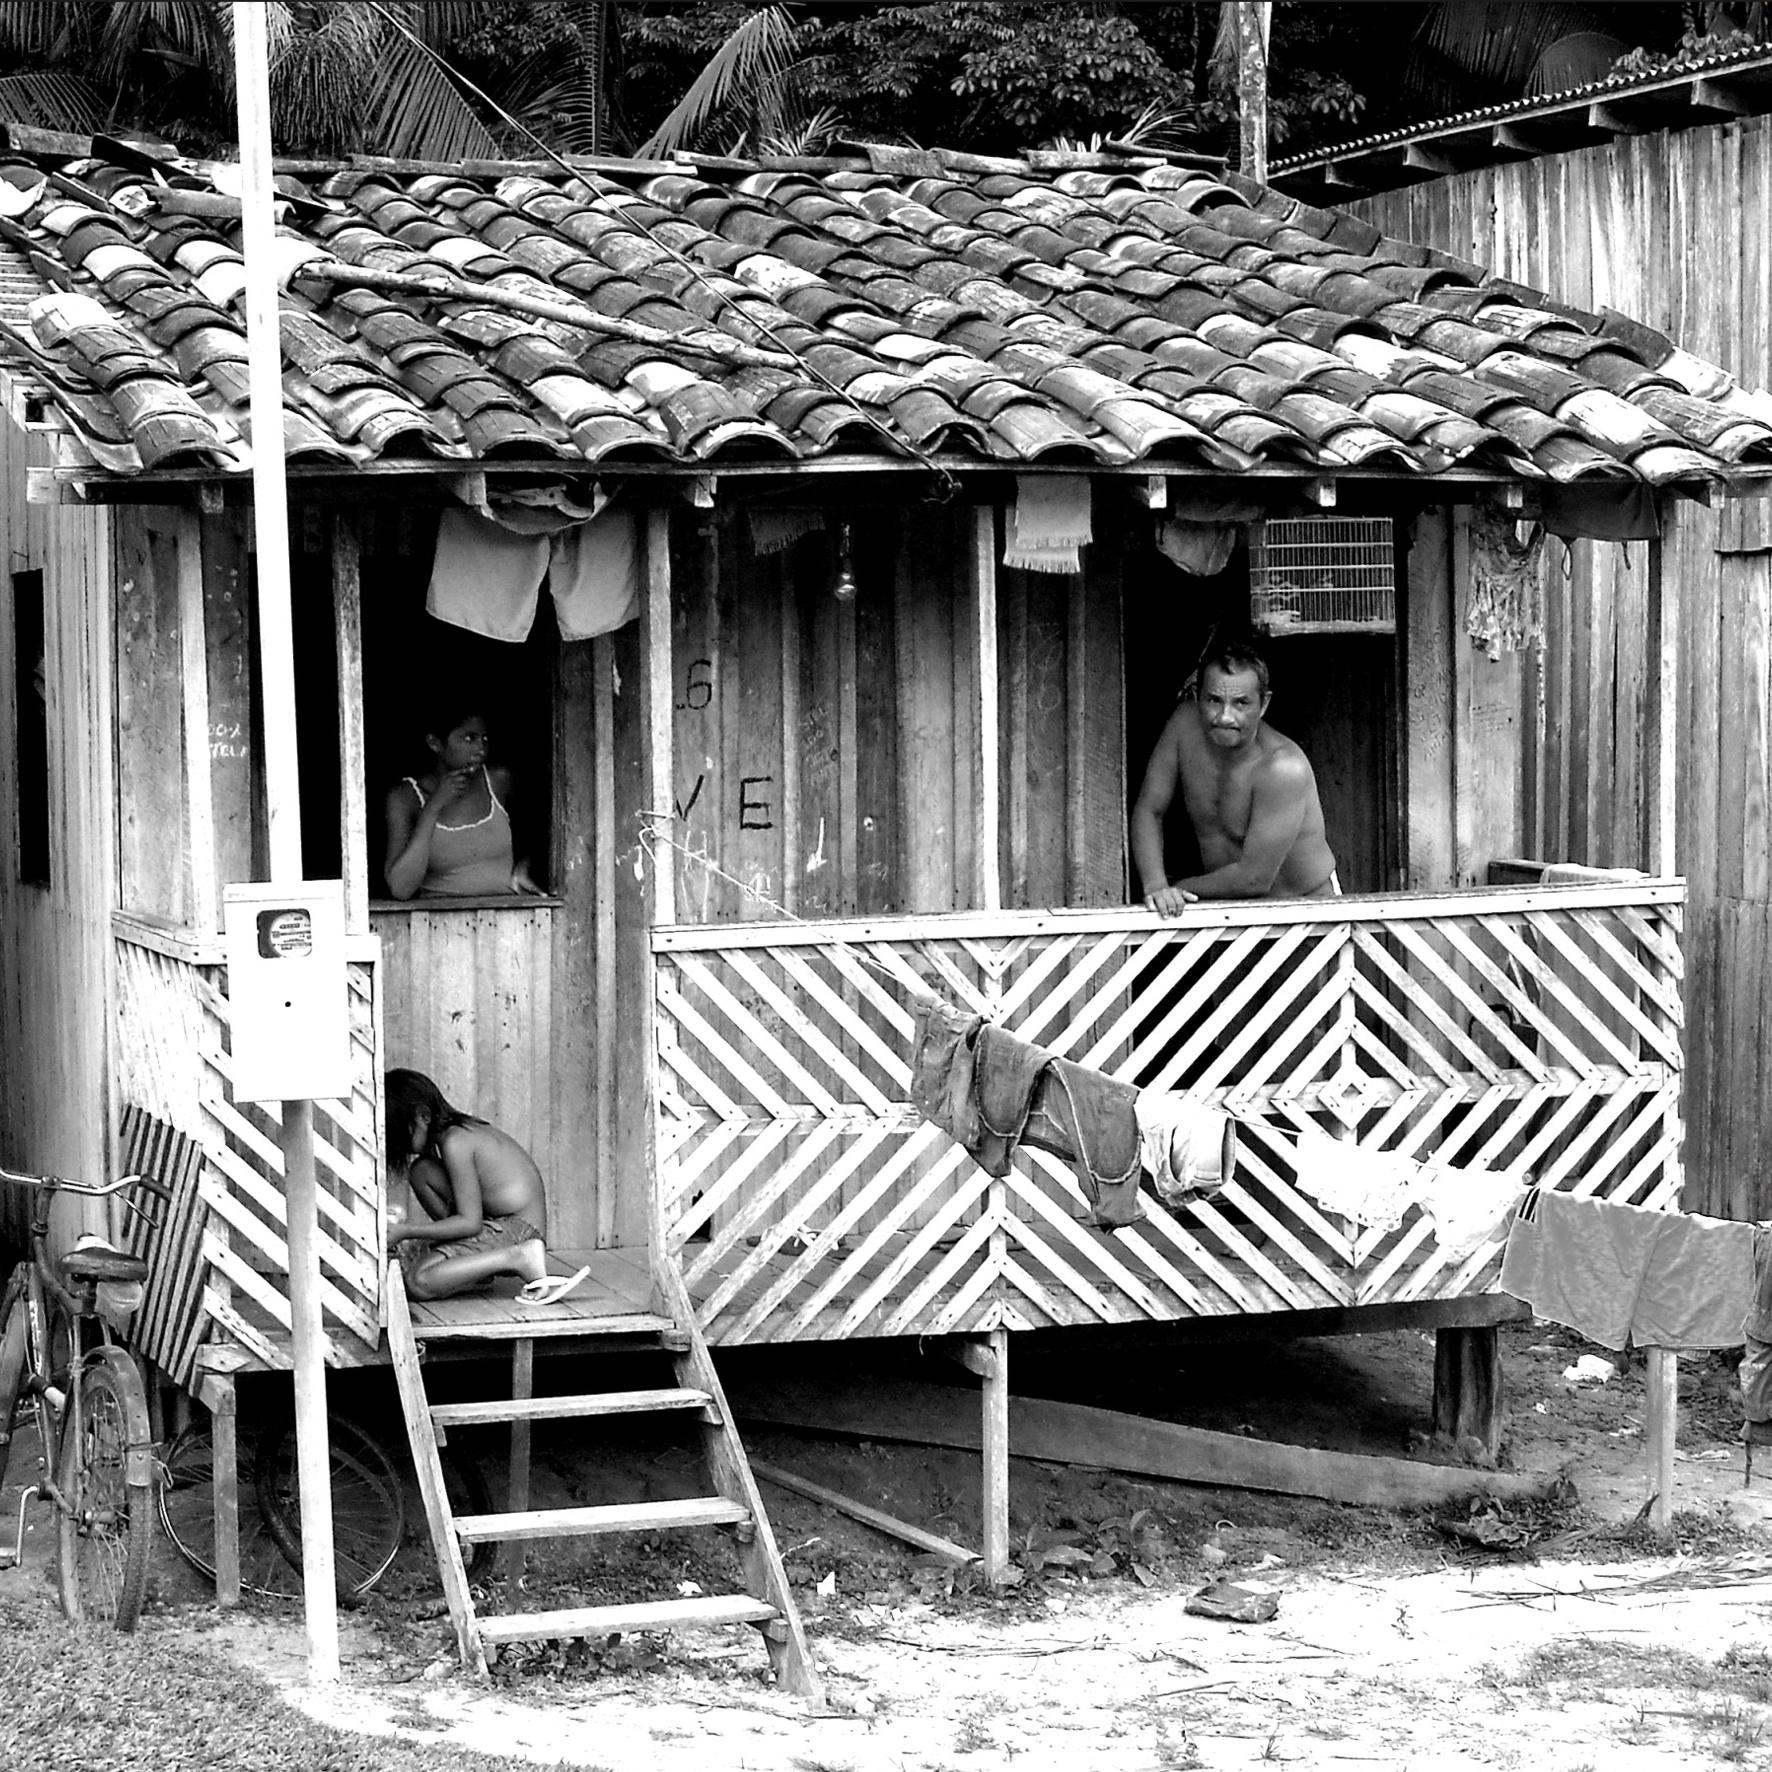 CASA_E_FAMÍLIA_QUILOMBOLA_COMUNIDADE_QUILOMBOLA_FILIPA_-_ITAPECURU_MIRIM_-_MARANHÃO_2010_RSA